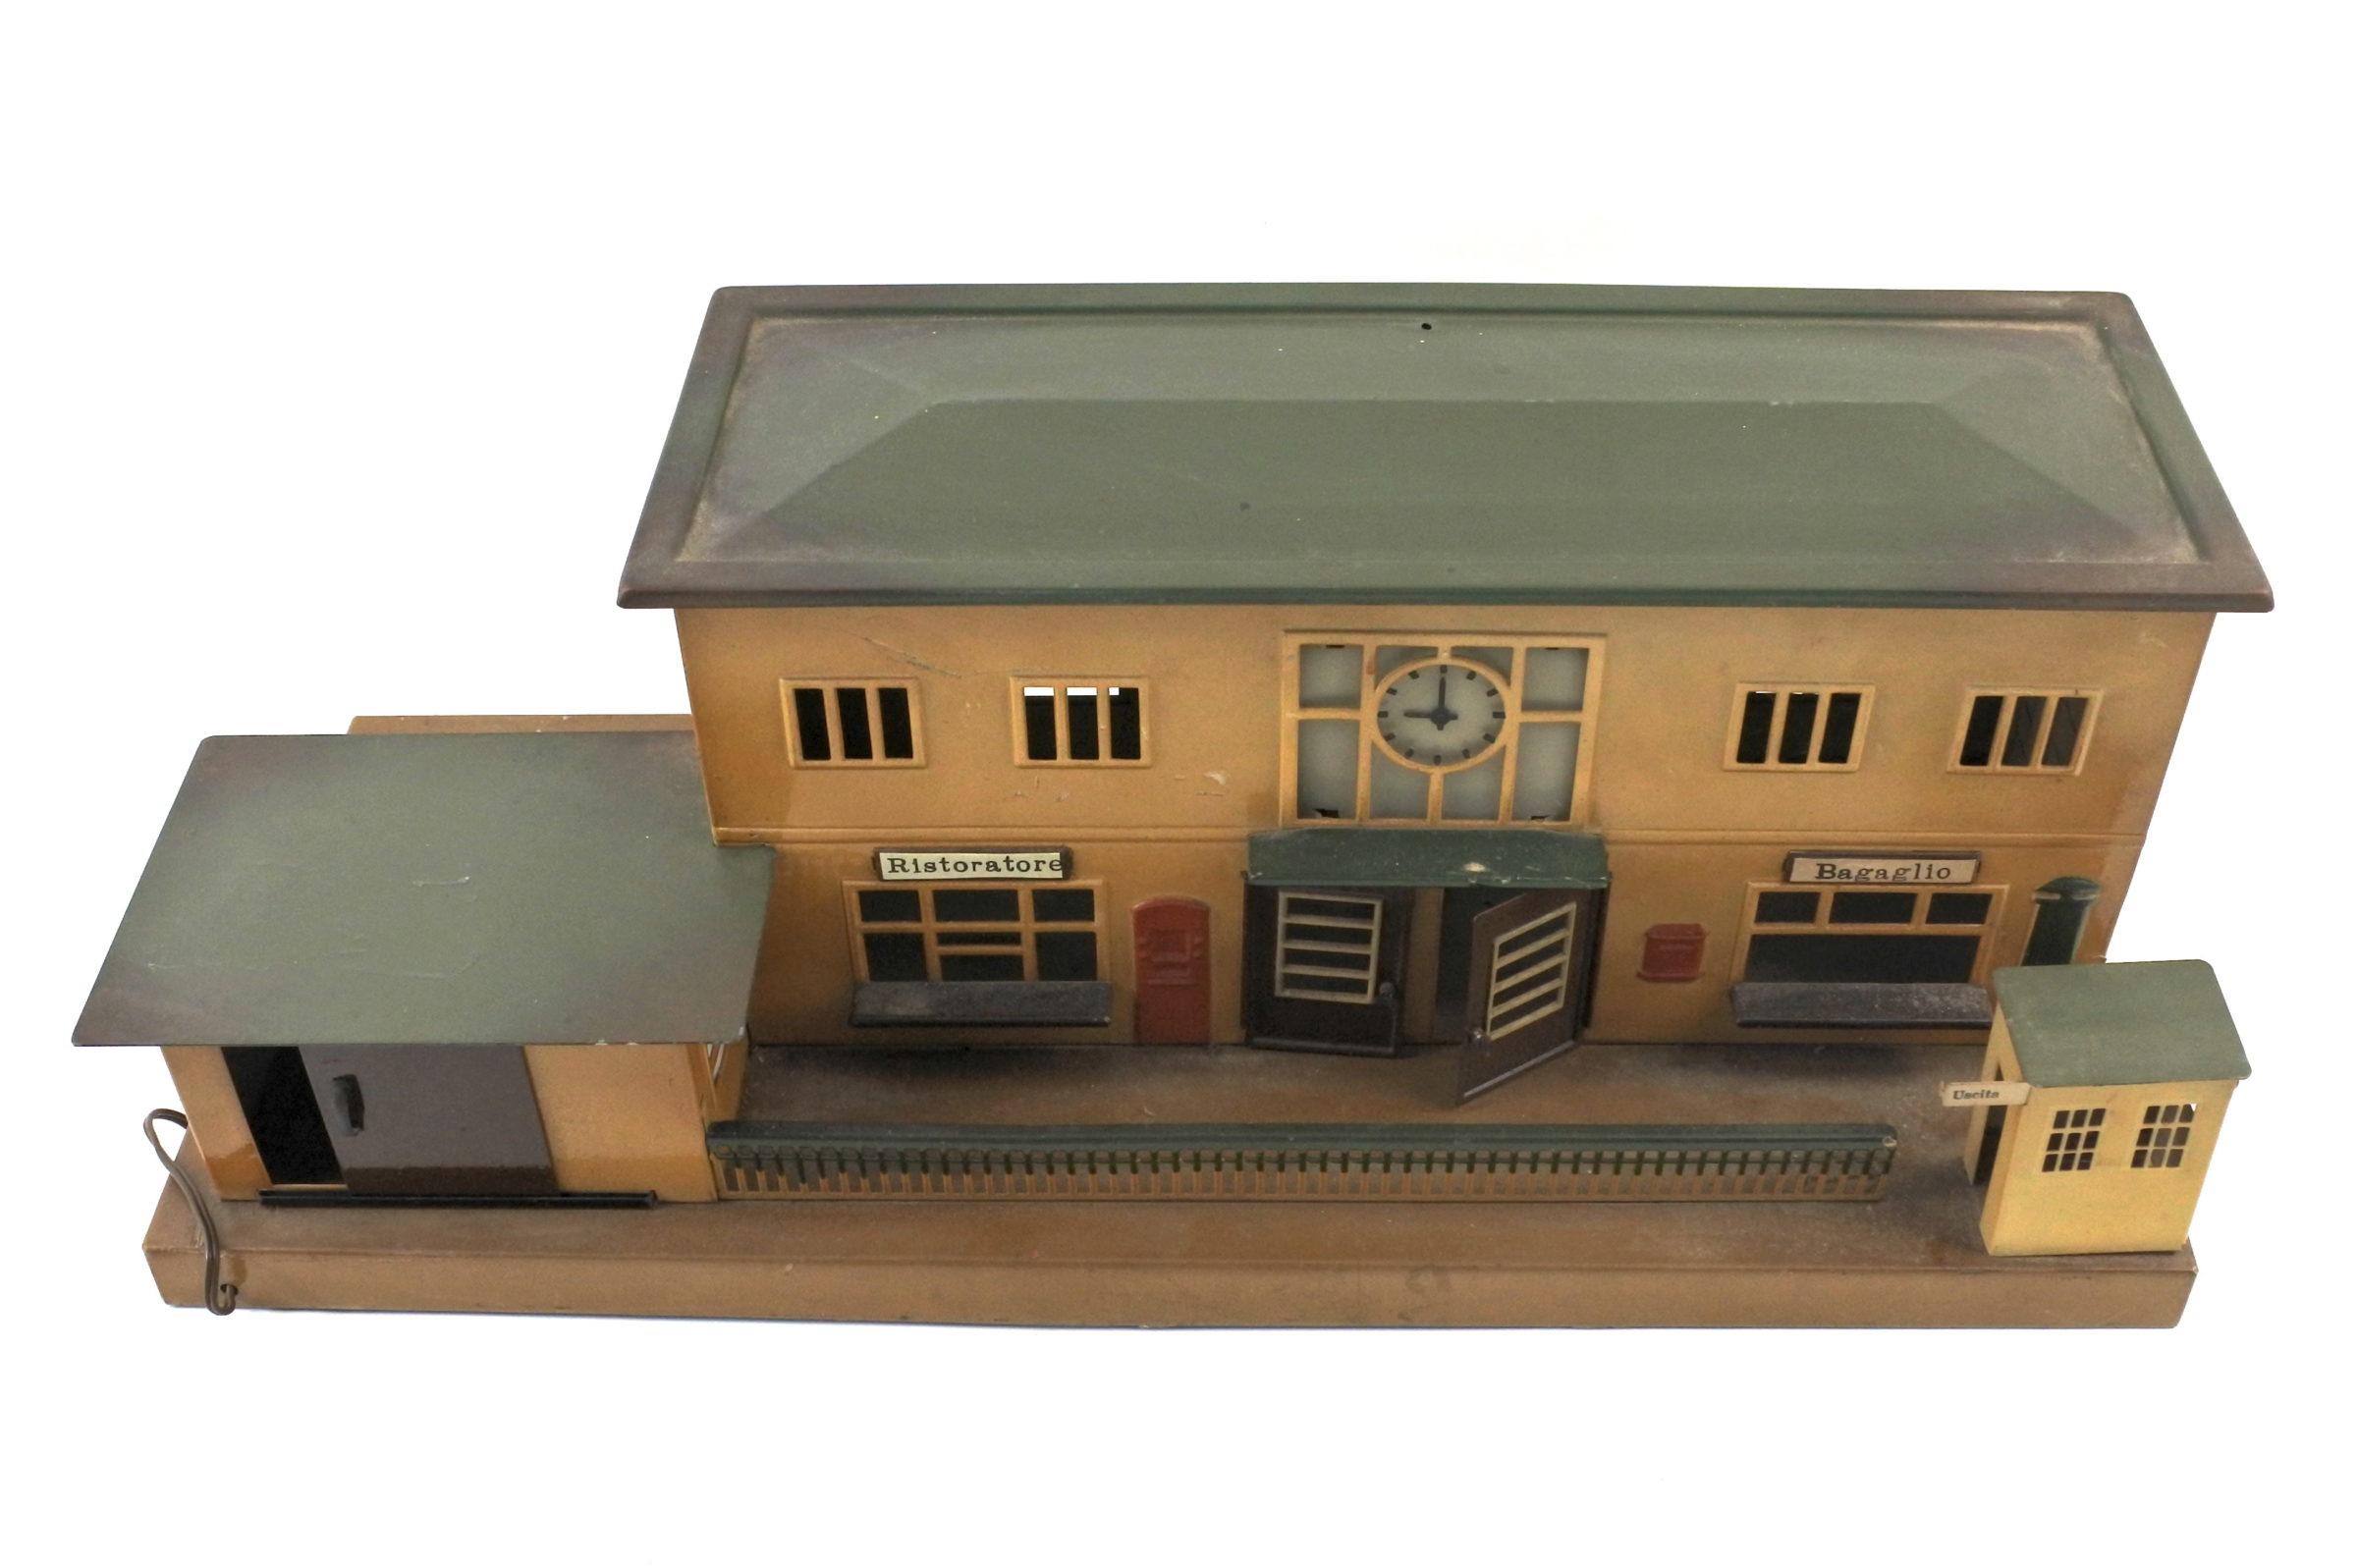 Antica stazione dei treni con ristorante e zona bagagli in latta policroma - Marklin - 2